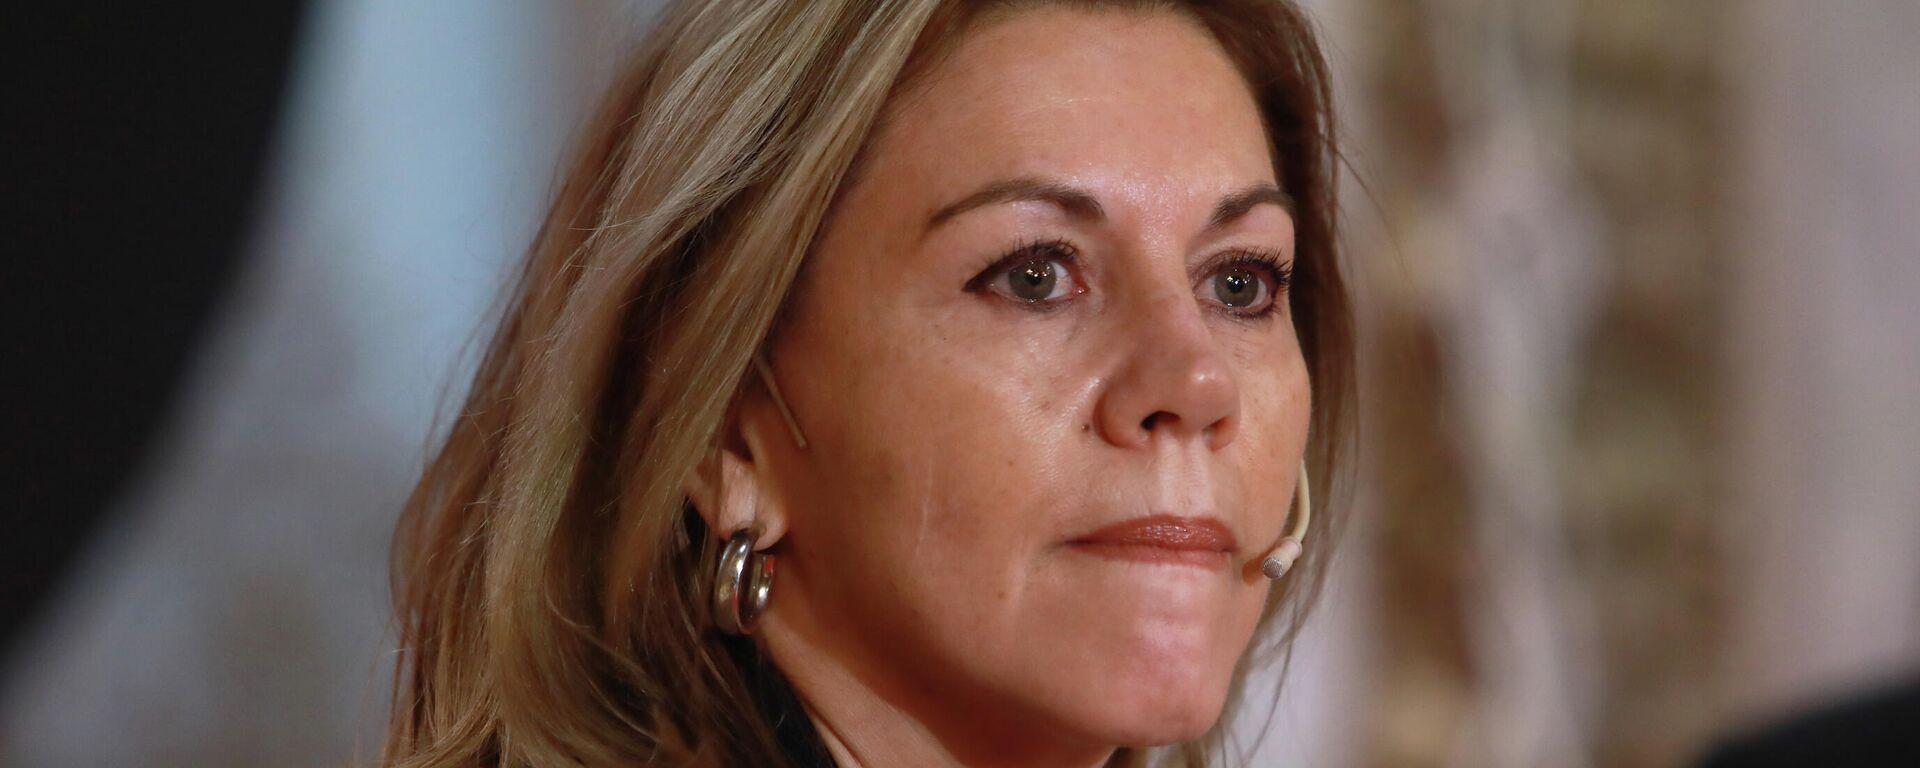 María Dolores de Cospedal, la exministra española de Defensa y antigua dirigente del Partido Popular - Sputnik Mundo, 1920, 02.06.2021